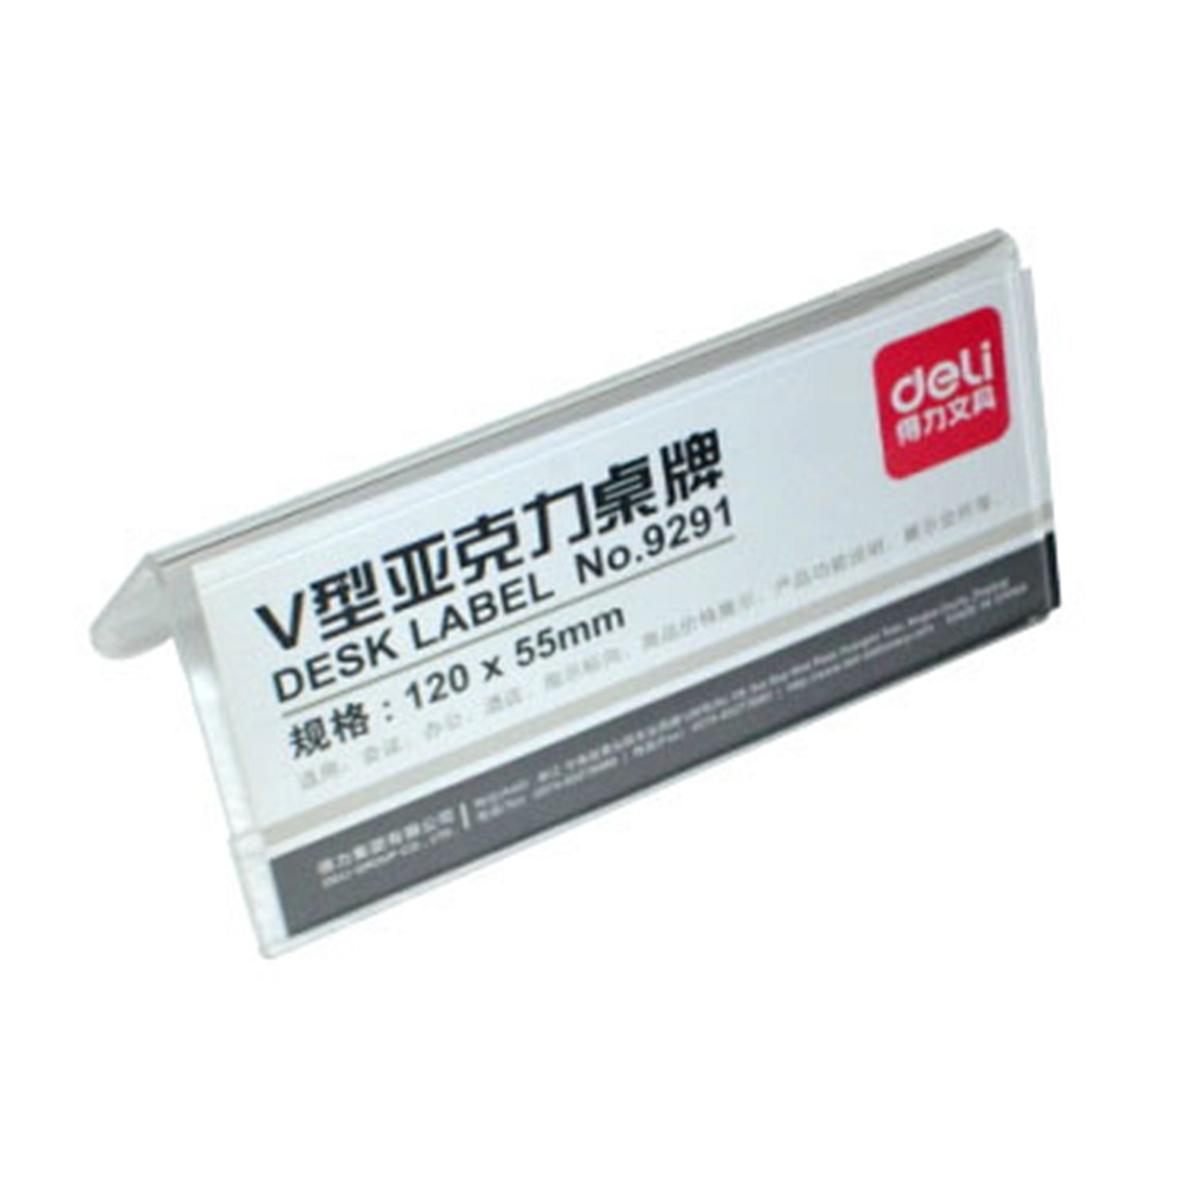 (上海专供)得力9291V型亚克力桌牌展示铭牌(透明)(只)